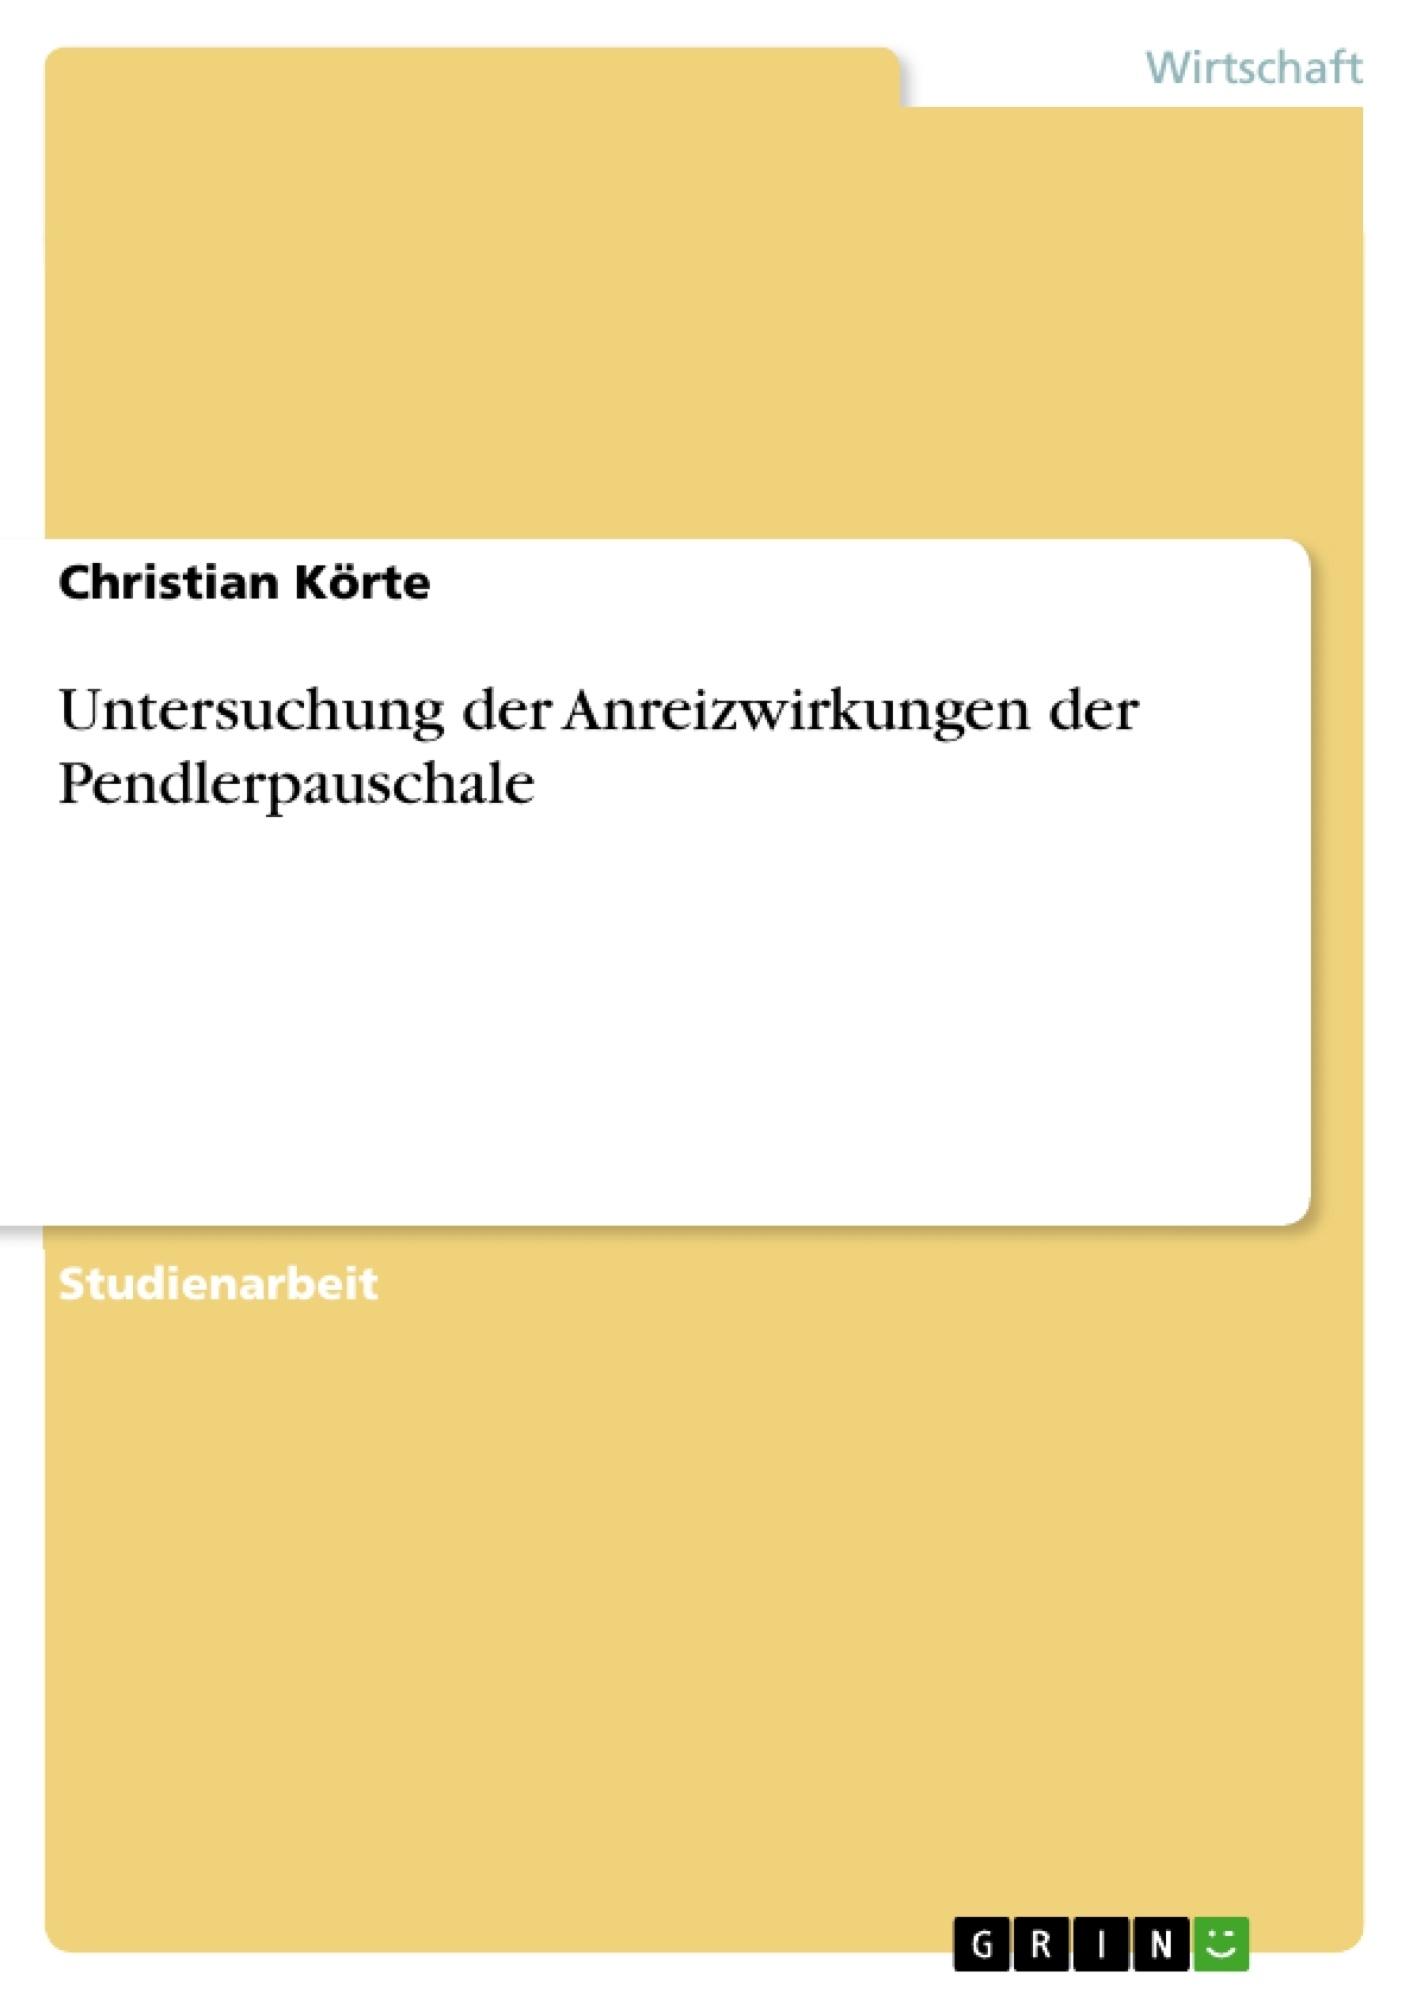 Titel: Untersuchung der Anreizwirkungen der Pendlerpauschale